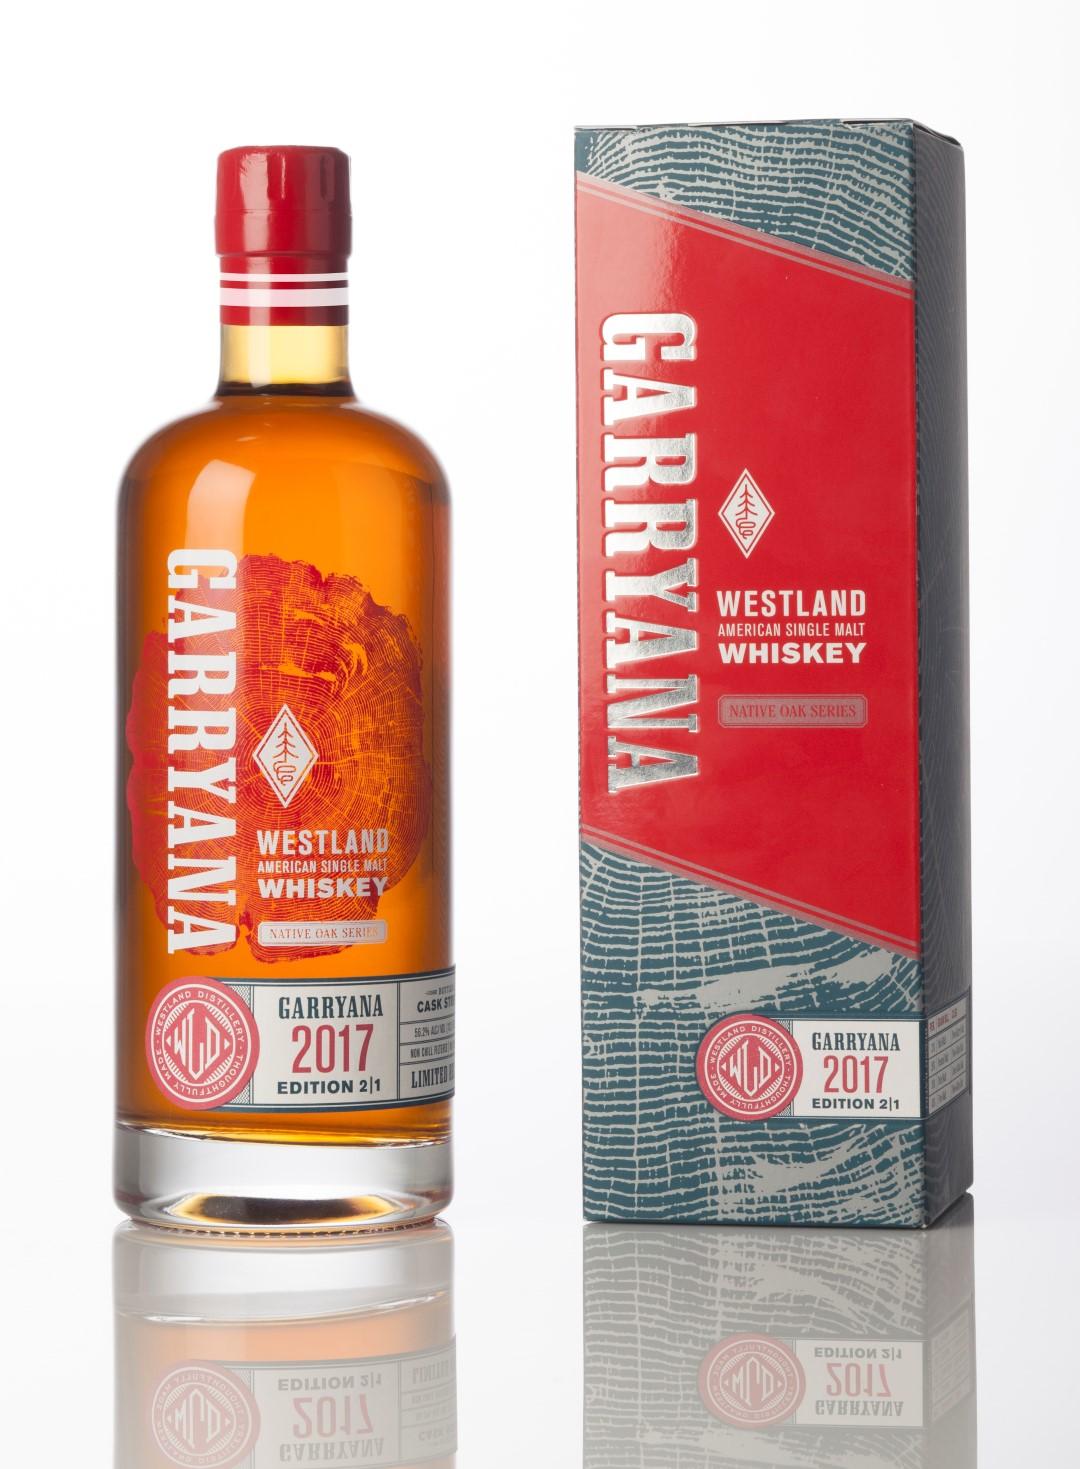 Westland Garryana Native Oak Series 2017 Edition 2 1